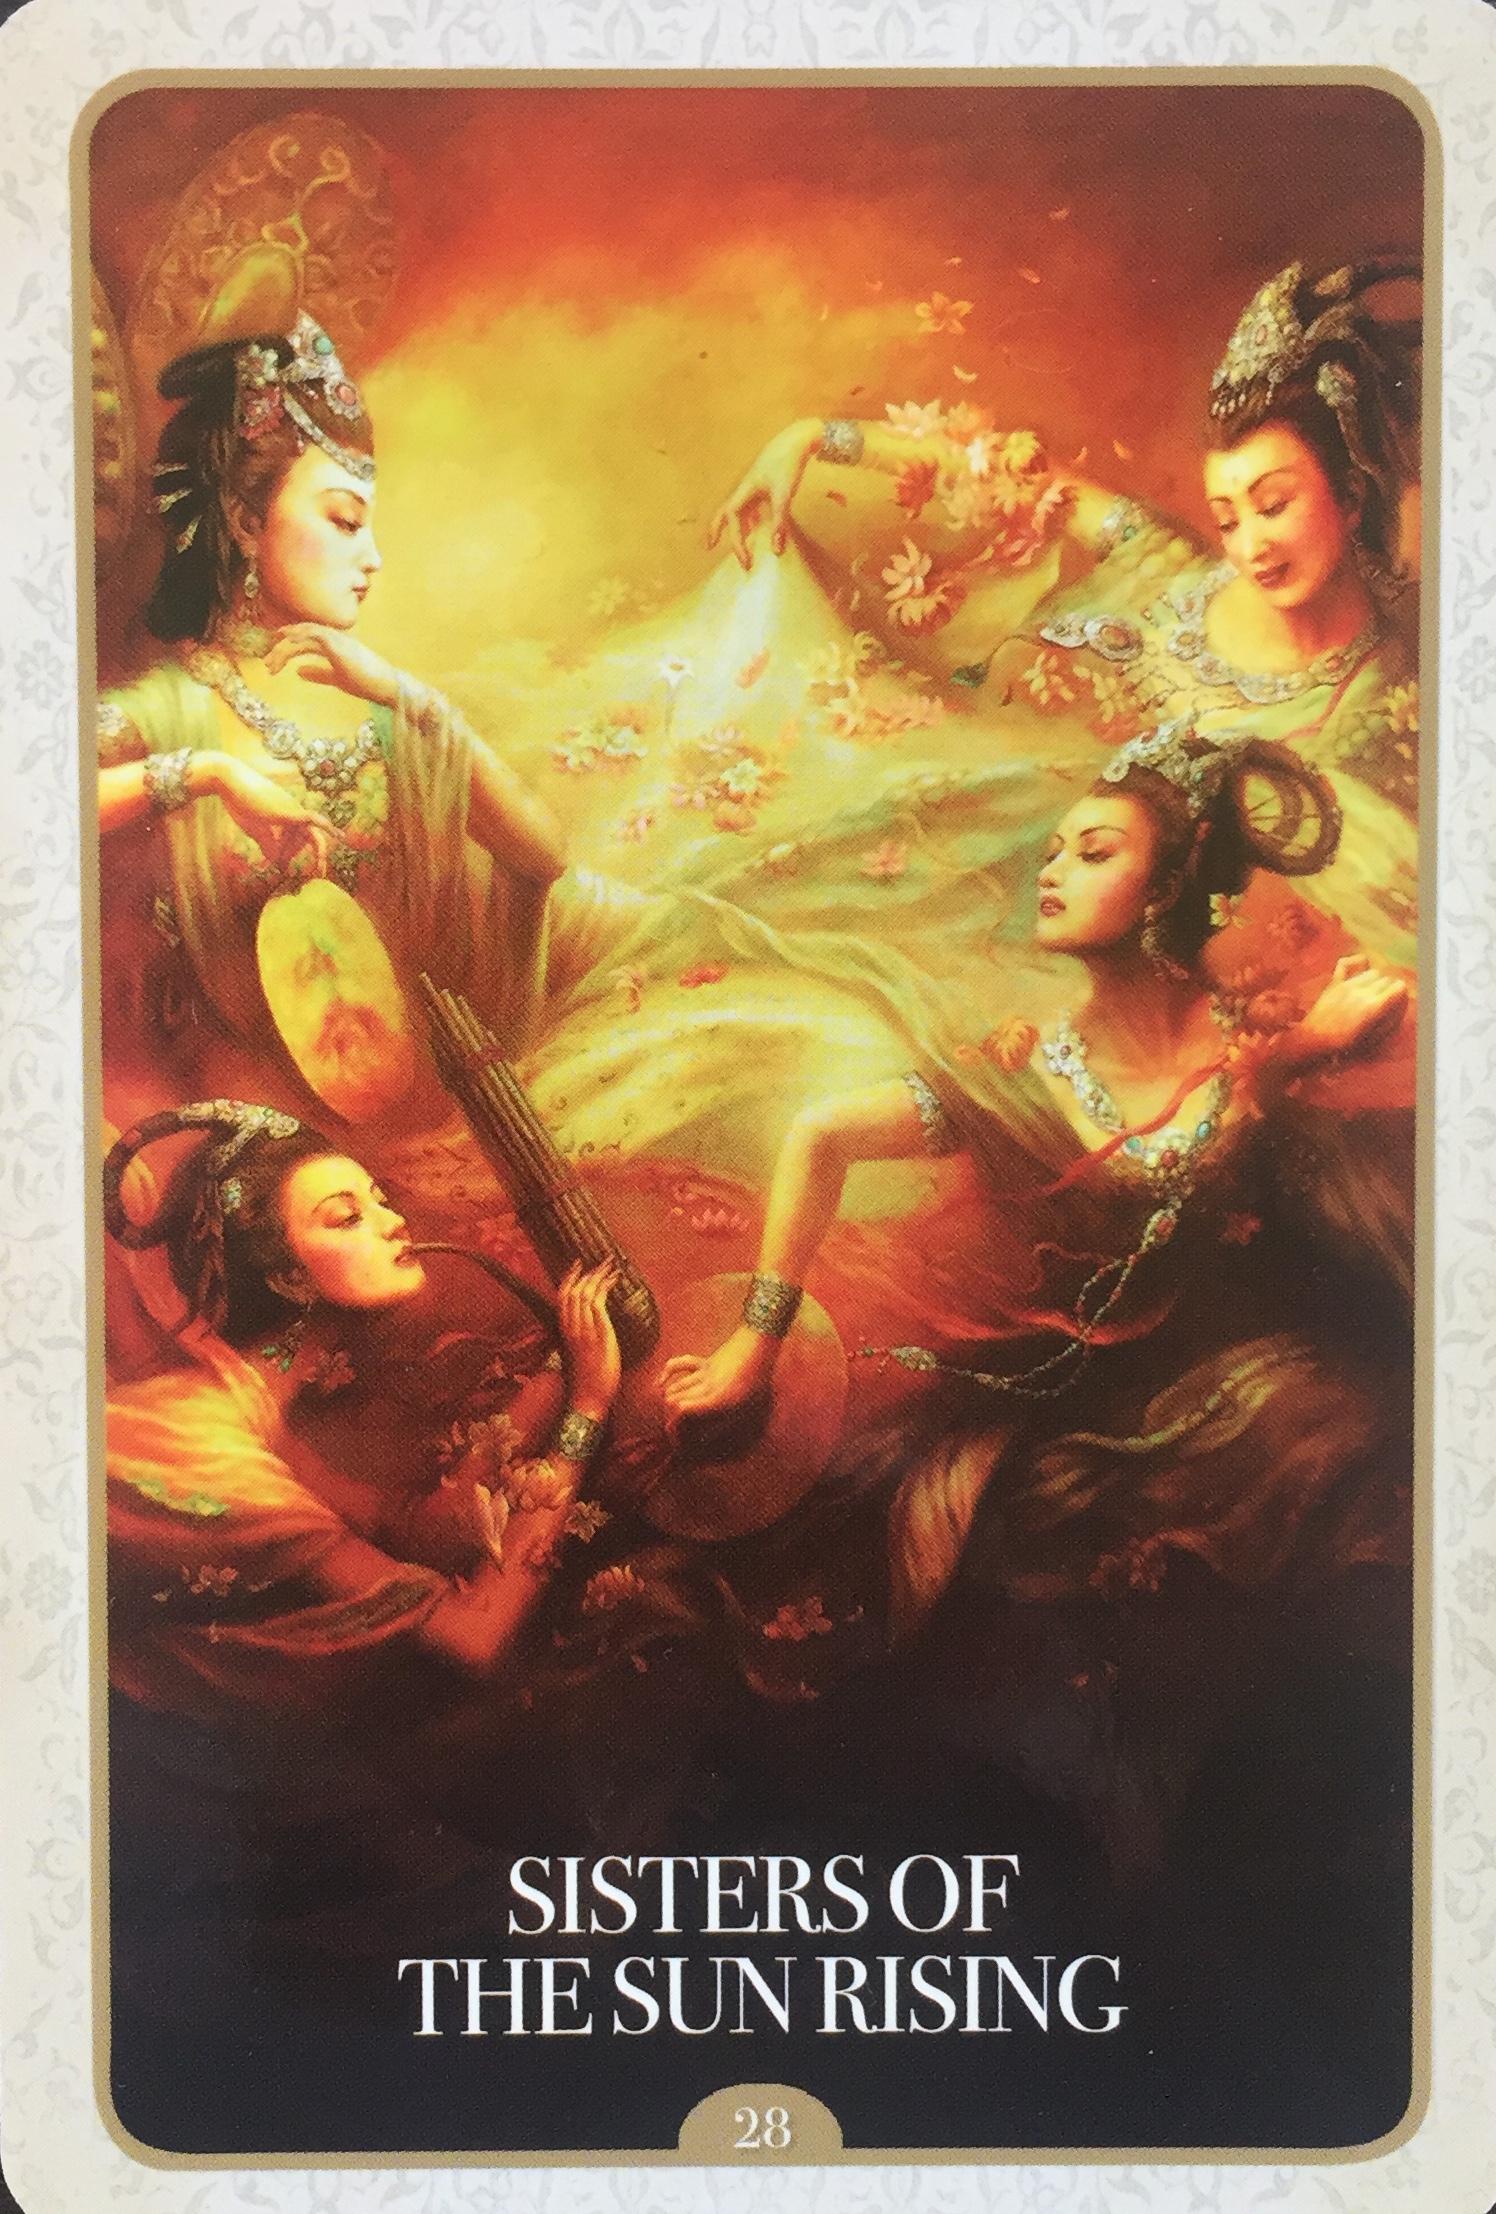 Kuan Yin Oracle by Alana Fairchild & Zeng Hao